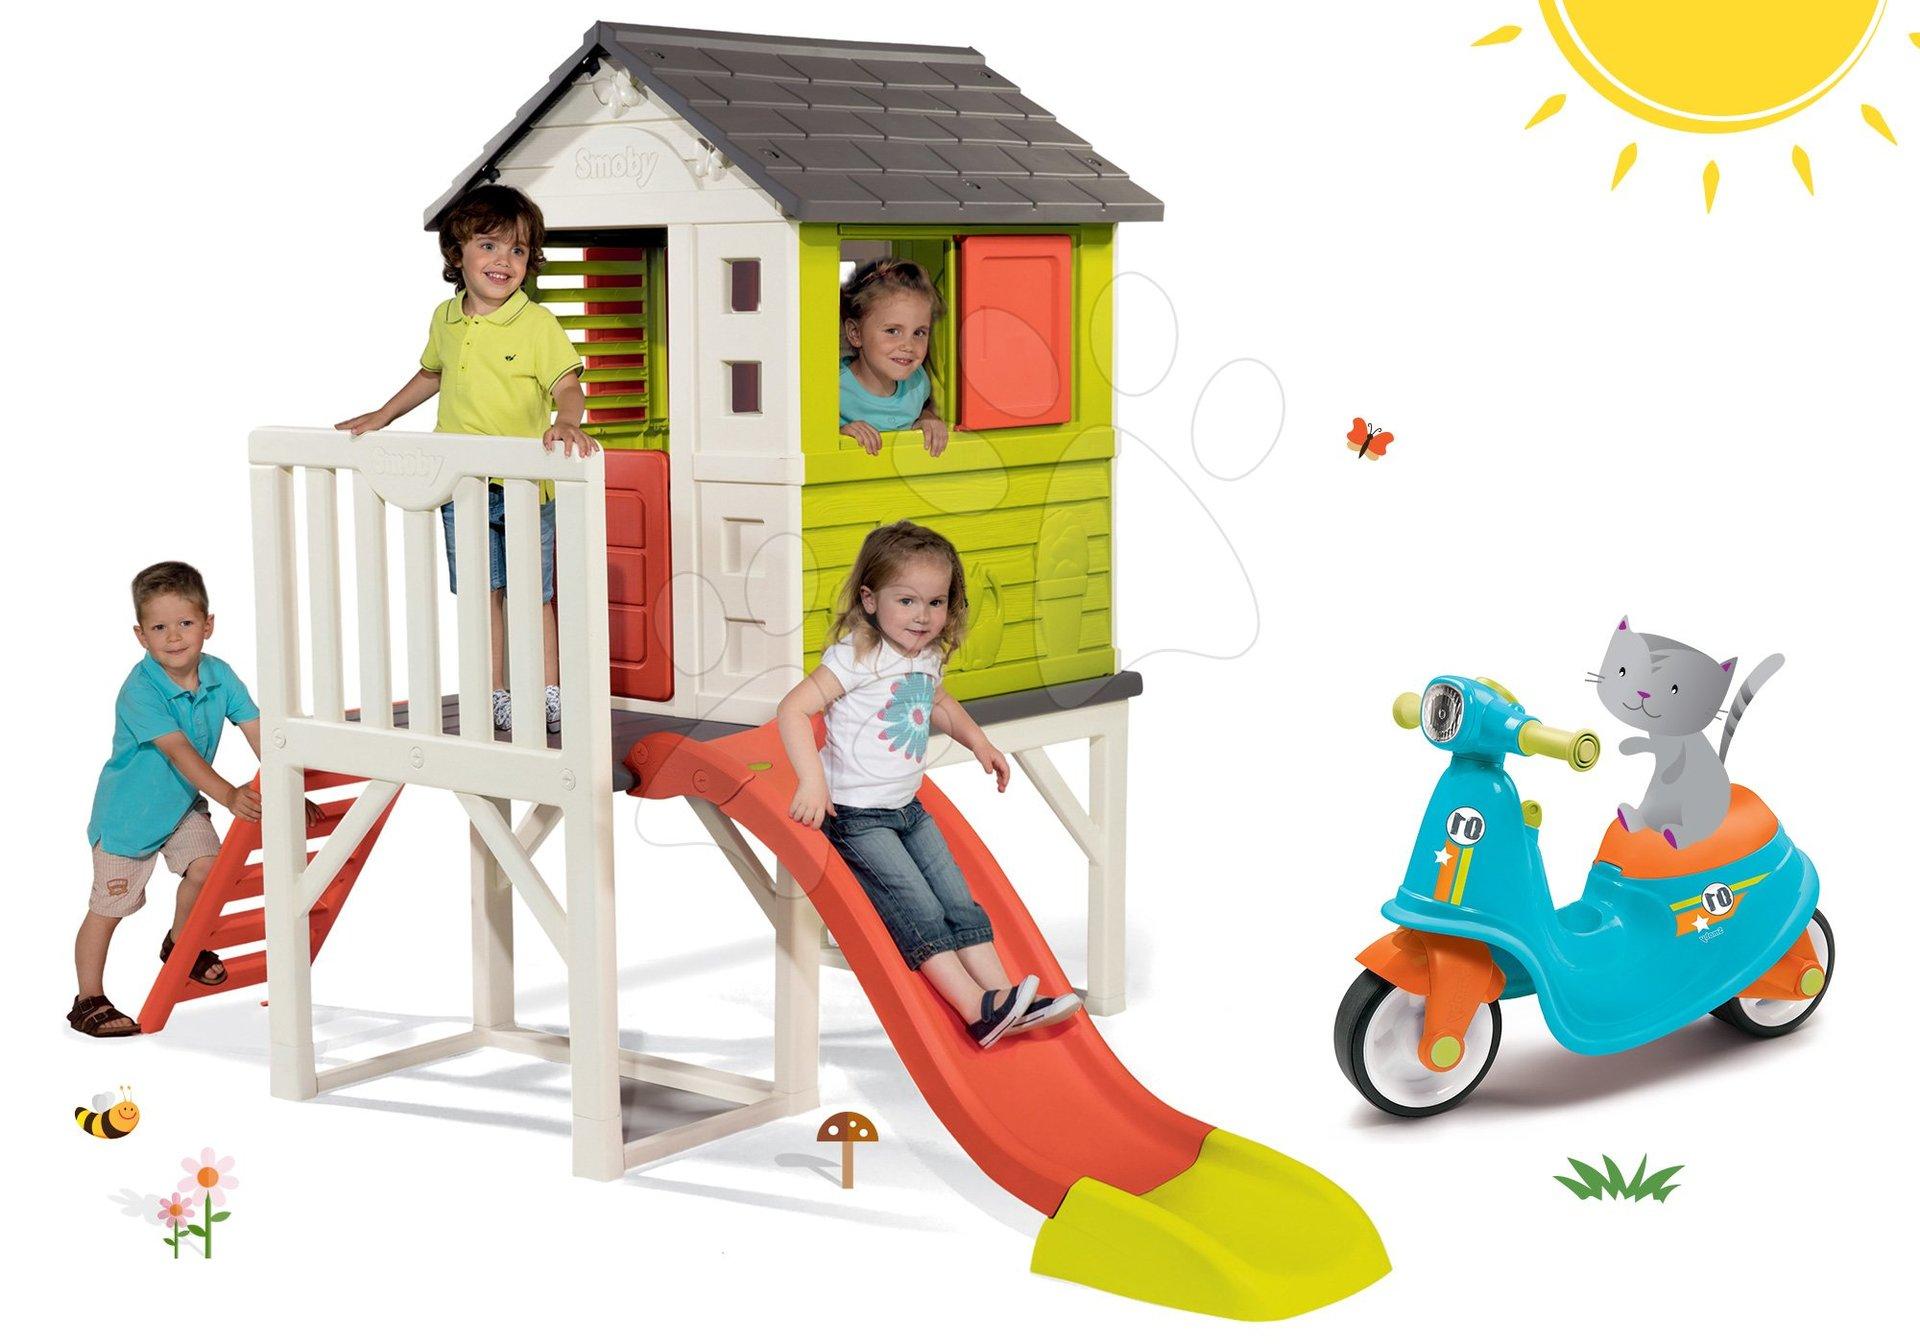 Smoby set dětský domeček na pilířích Pilings House s 1,5 m skluzavkou a odrážedlo s reflektorem 810800-10